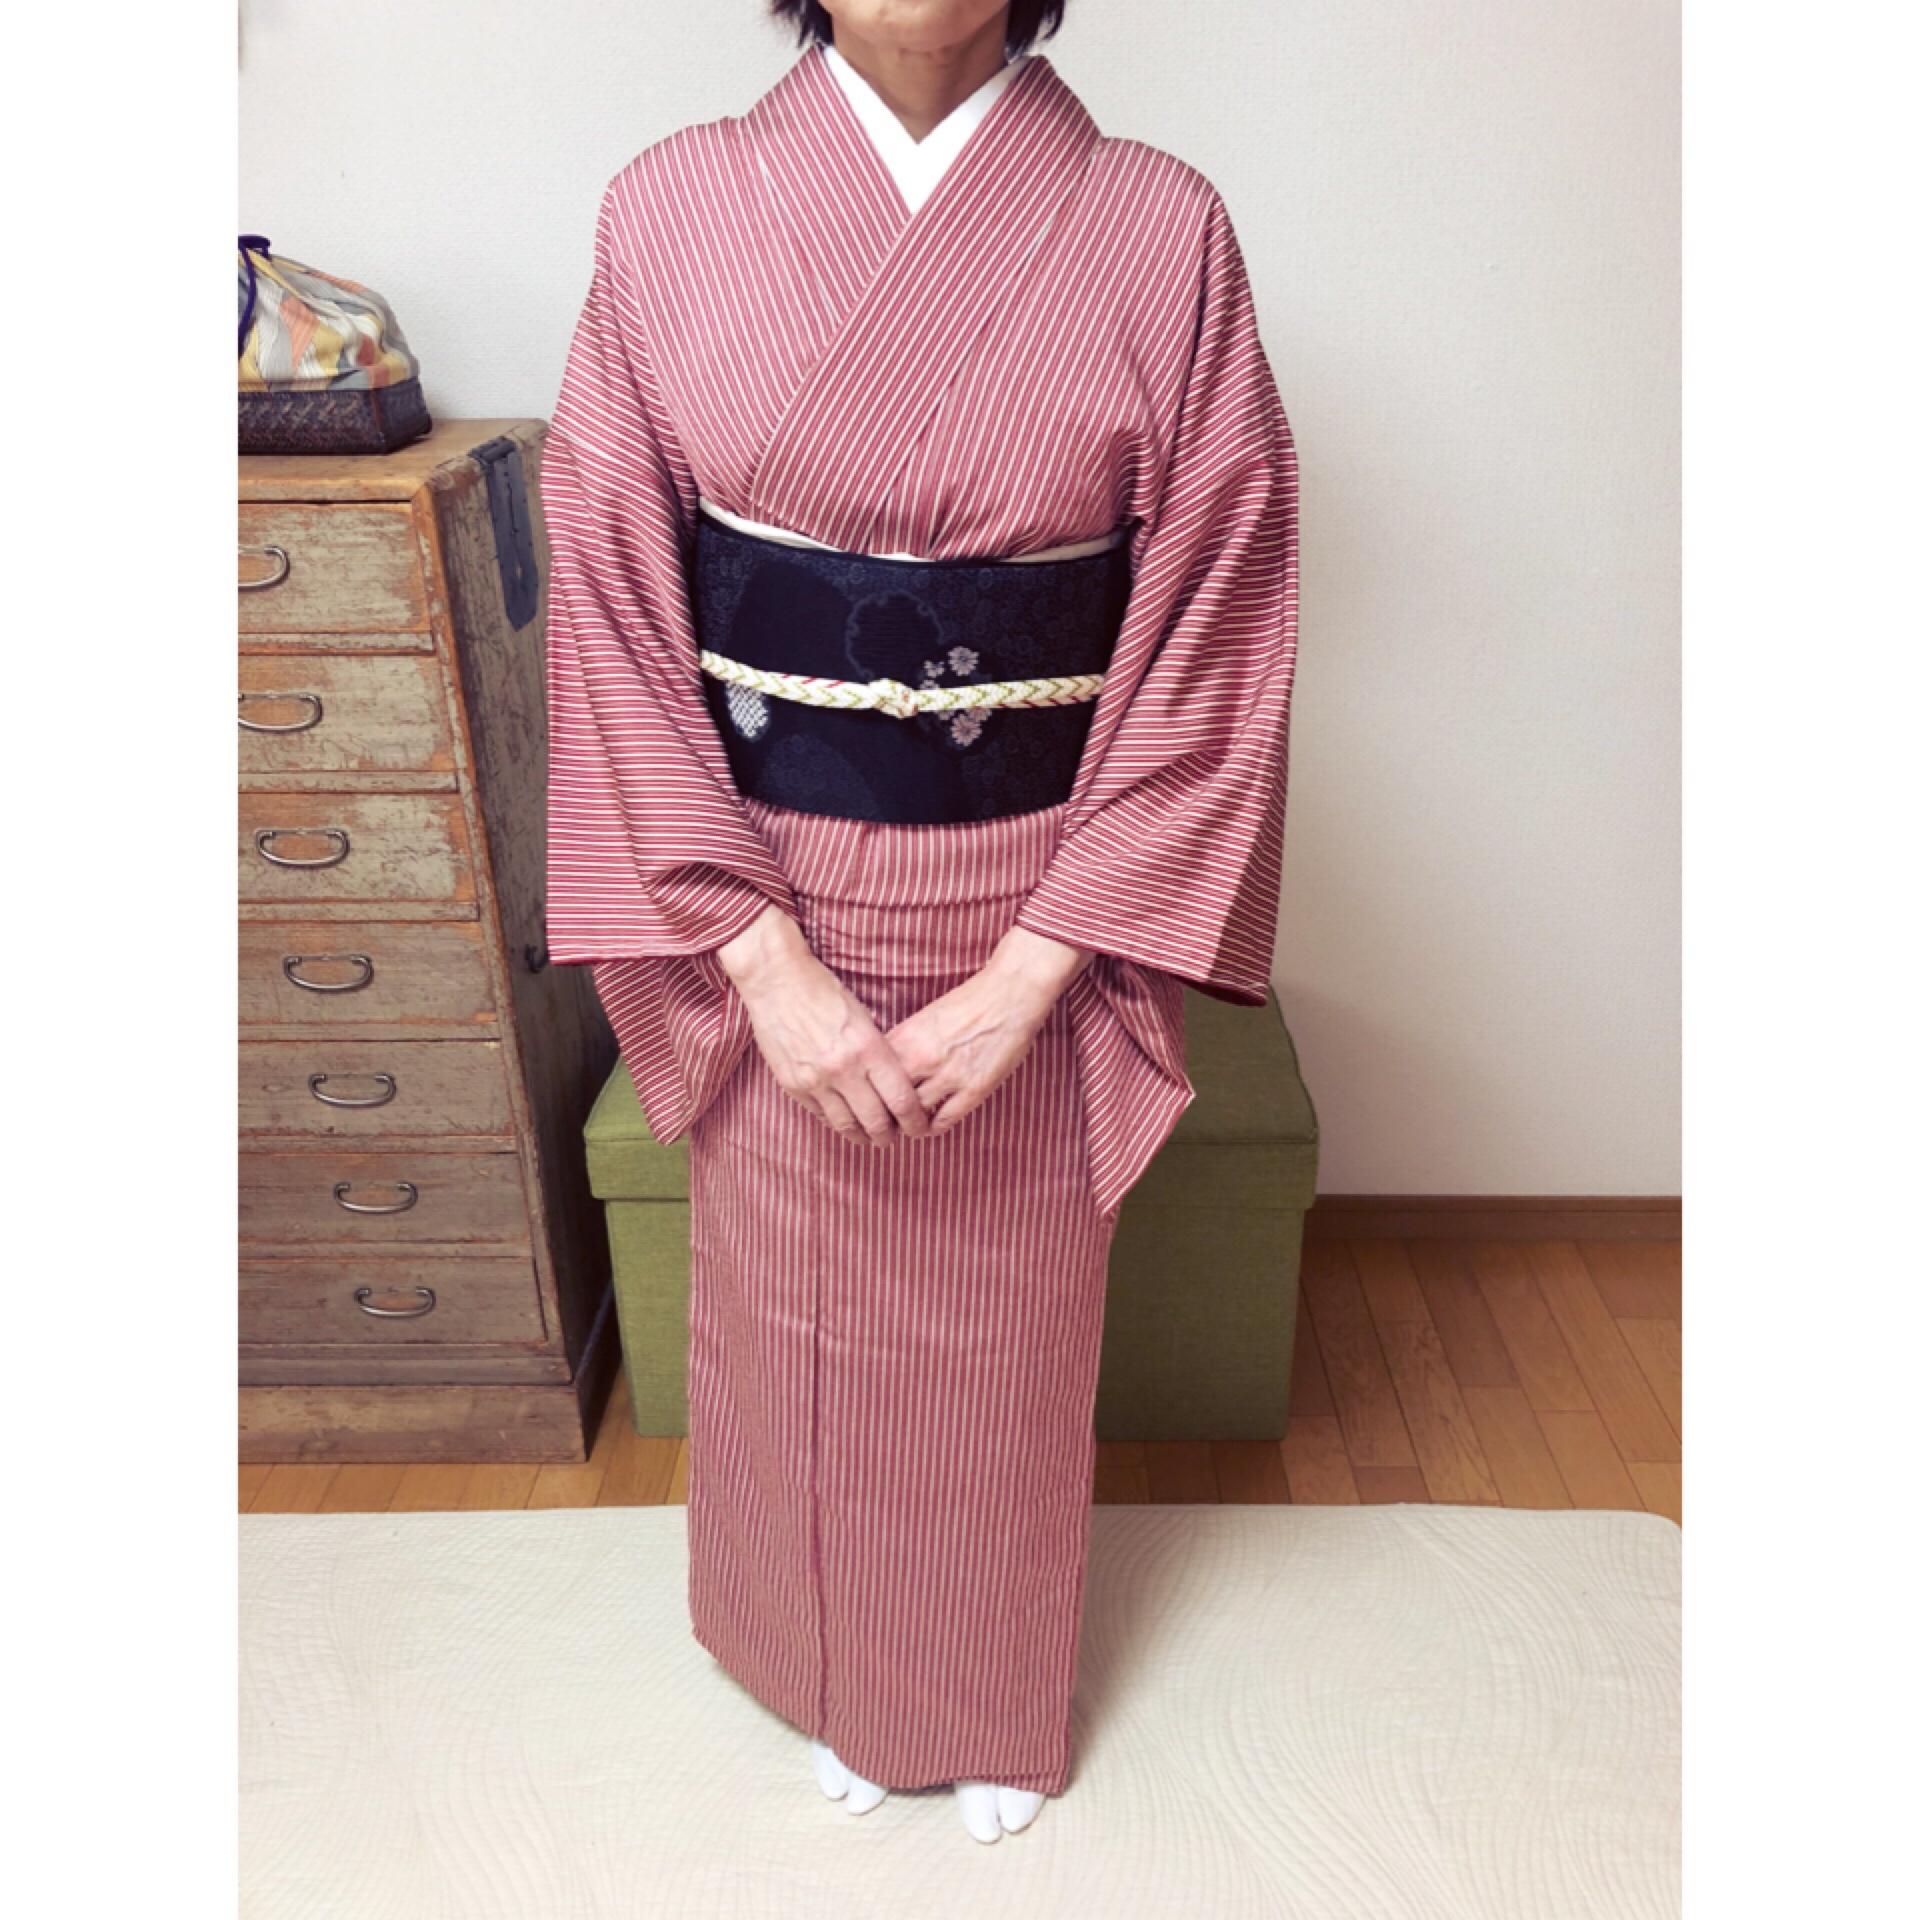 お母さまが残されたお着物でレッスン【大阪京橋の着付け教室きものたまより】